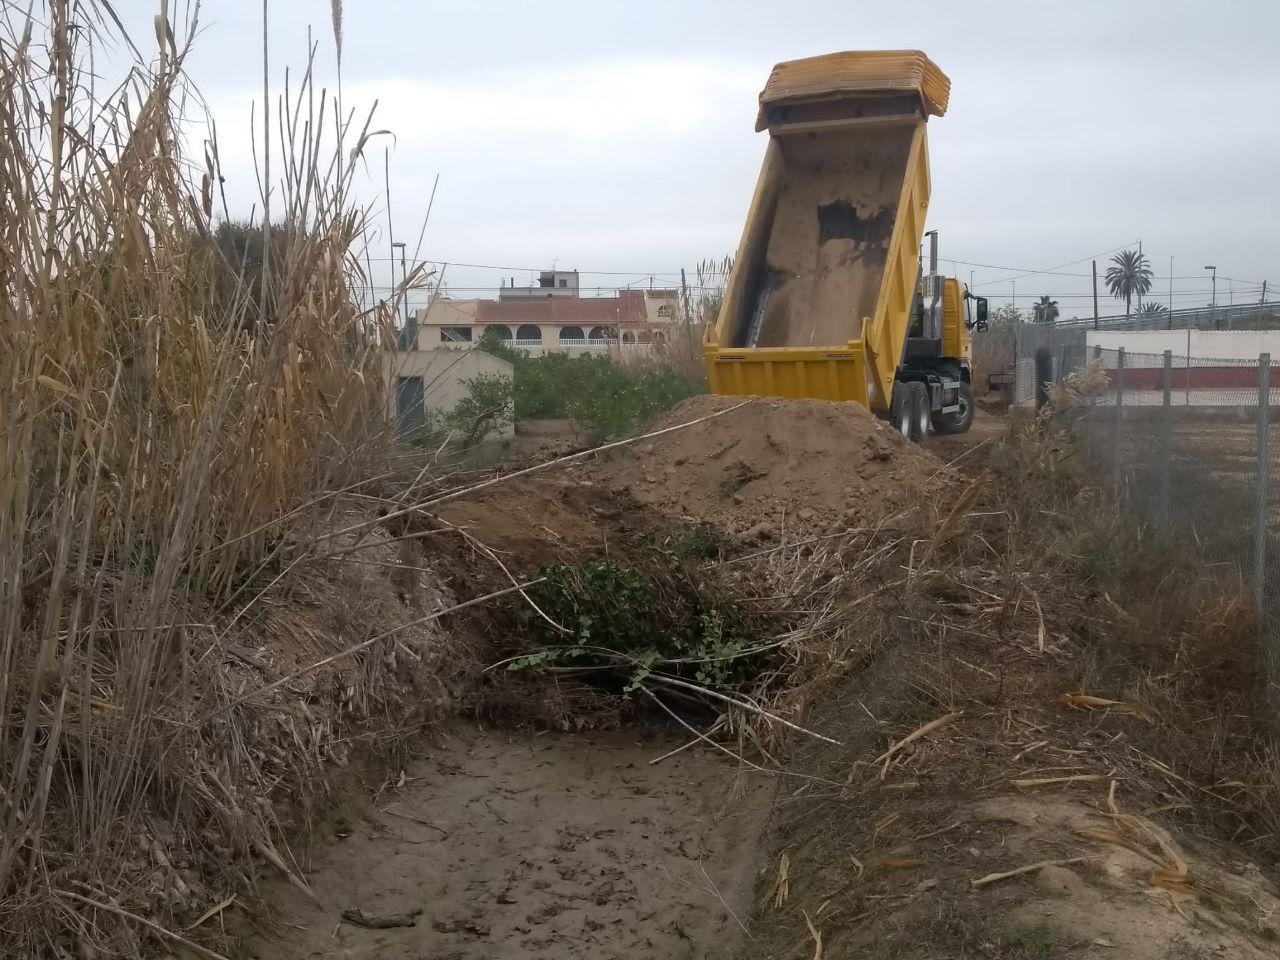 Obras de relleno en la acequia de Alguazas. Imagen: Huermur